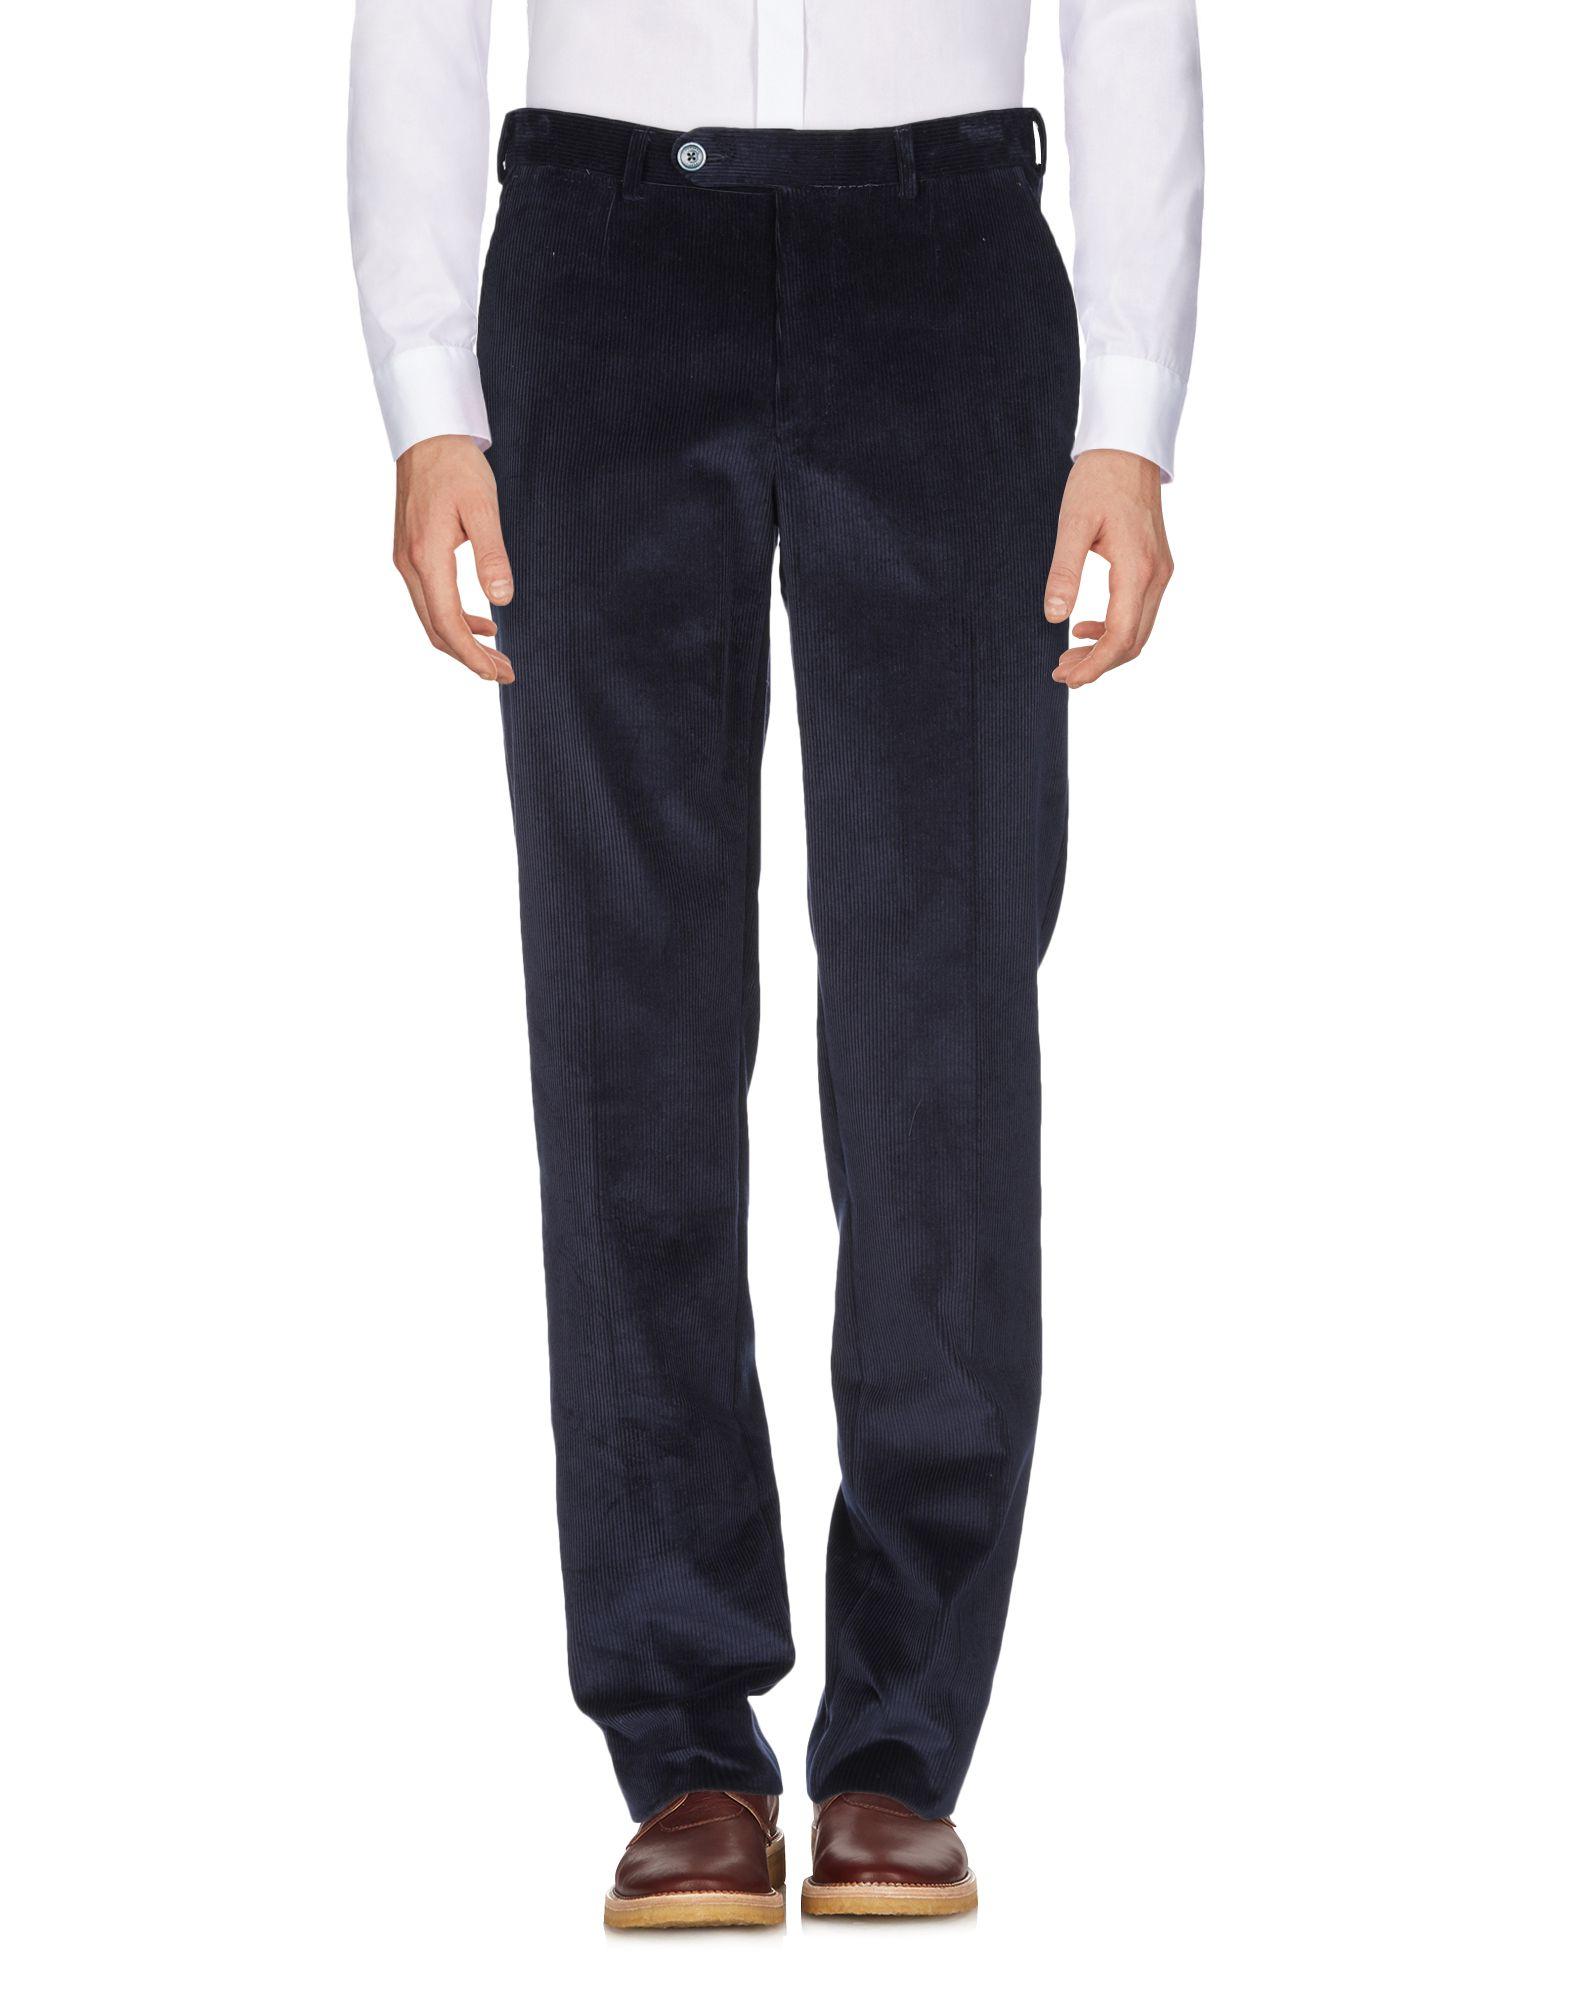 Pantalone Gta Il Pantalone Pantalone Pantalone uomo - 13222152TM 7c6